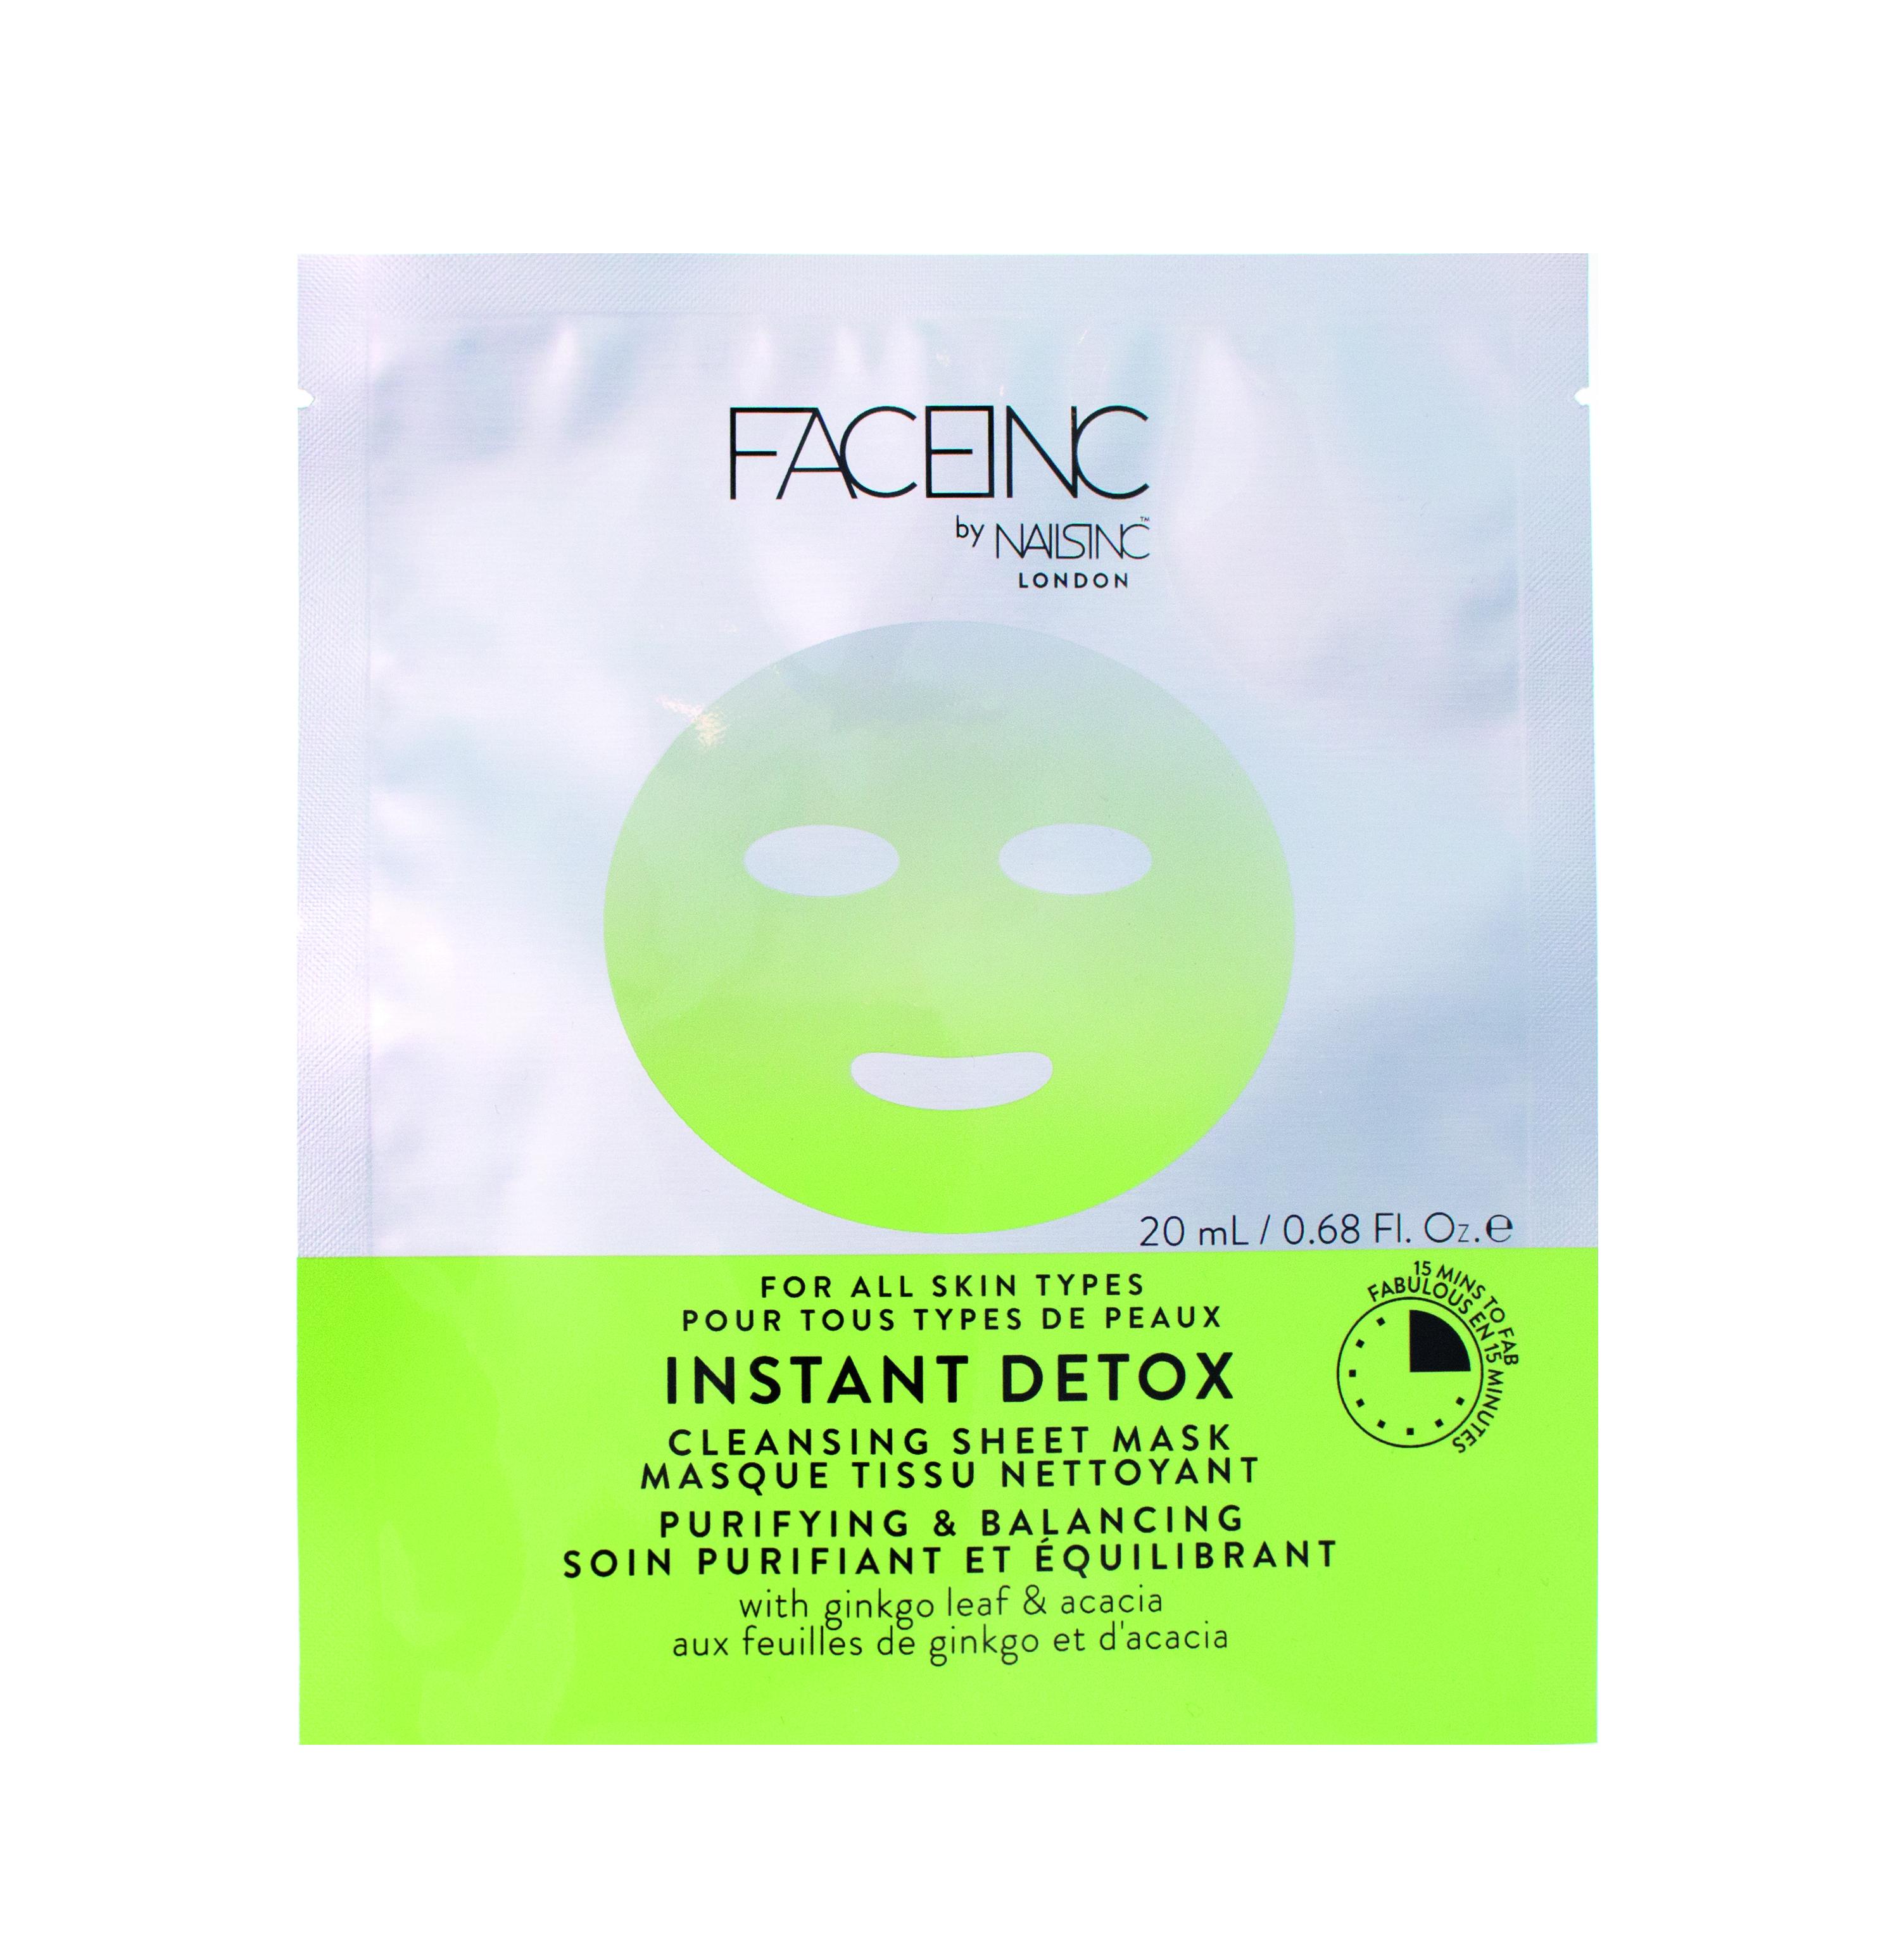 Thea Green Face Inc